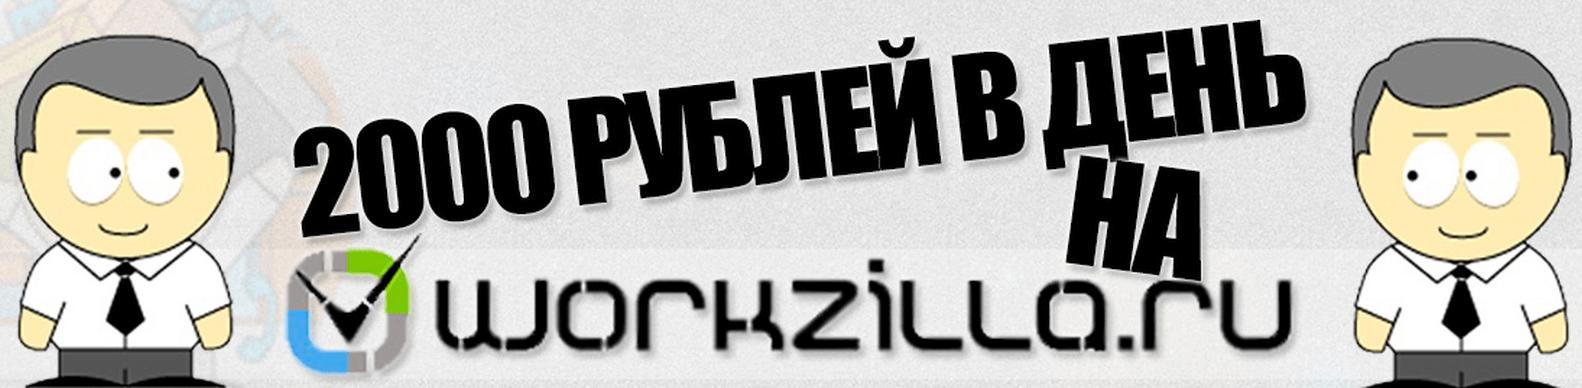 2000 рублей в день